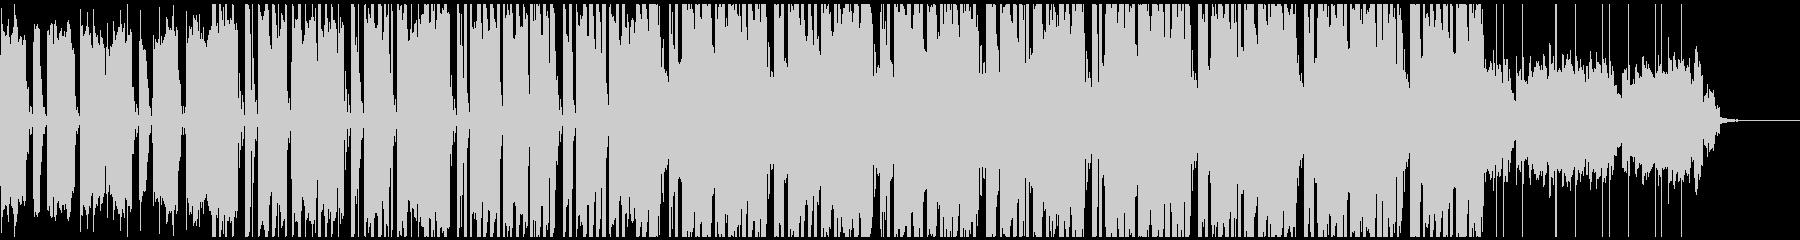 実験的な岩 バックシェイク ポジテ...の未再生の波形